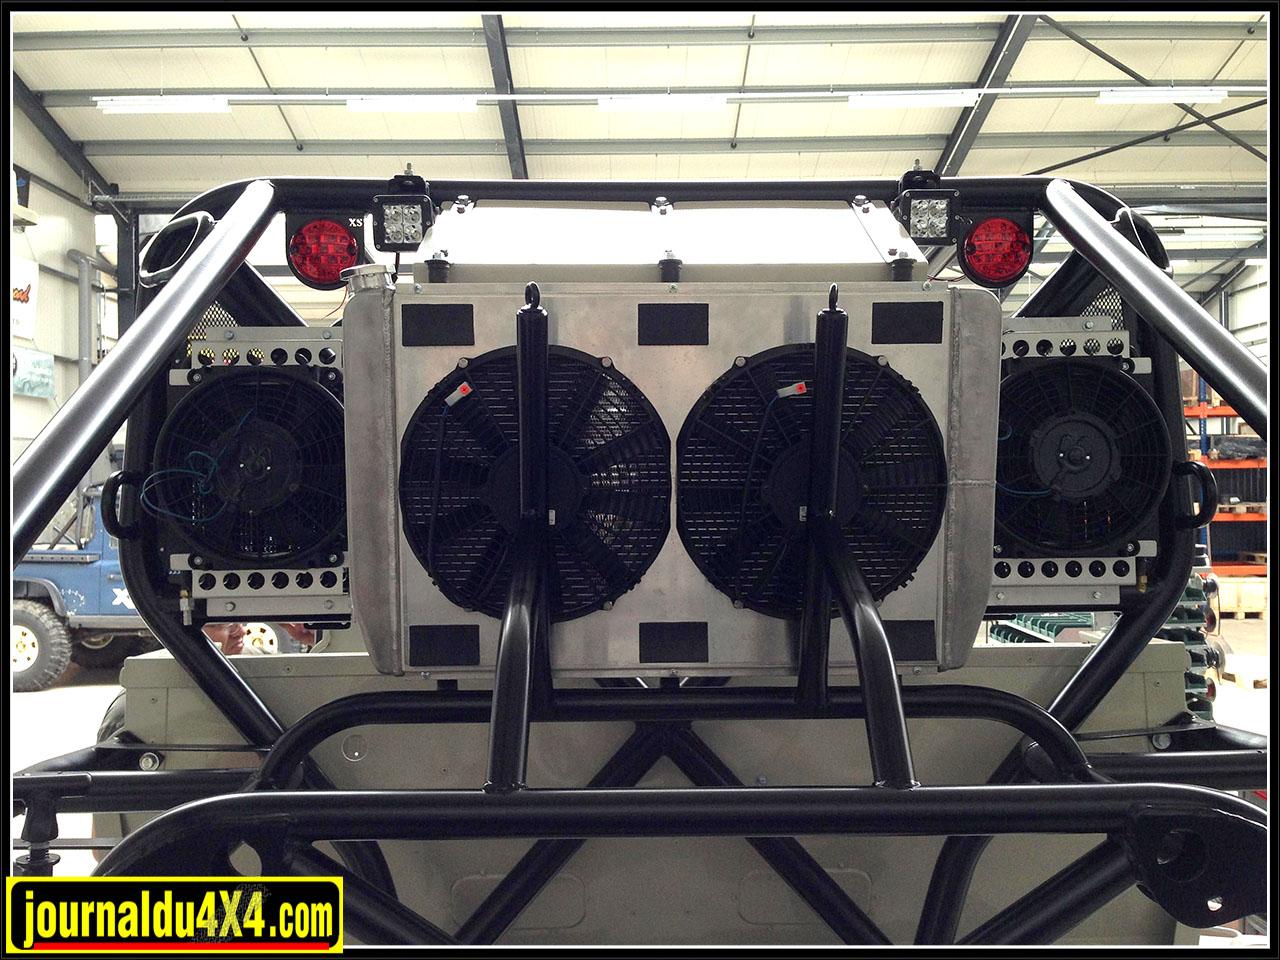 les radiateurs de gauche à droite : huile de boîte, moteur, huile moteur